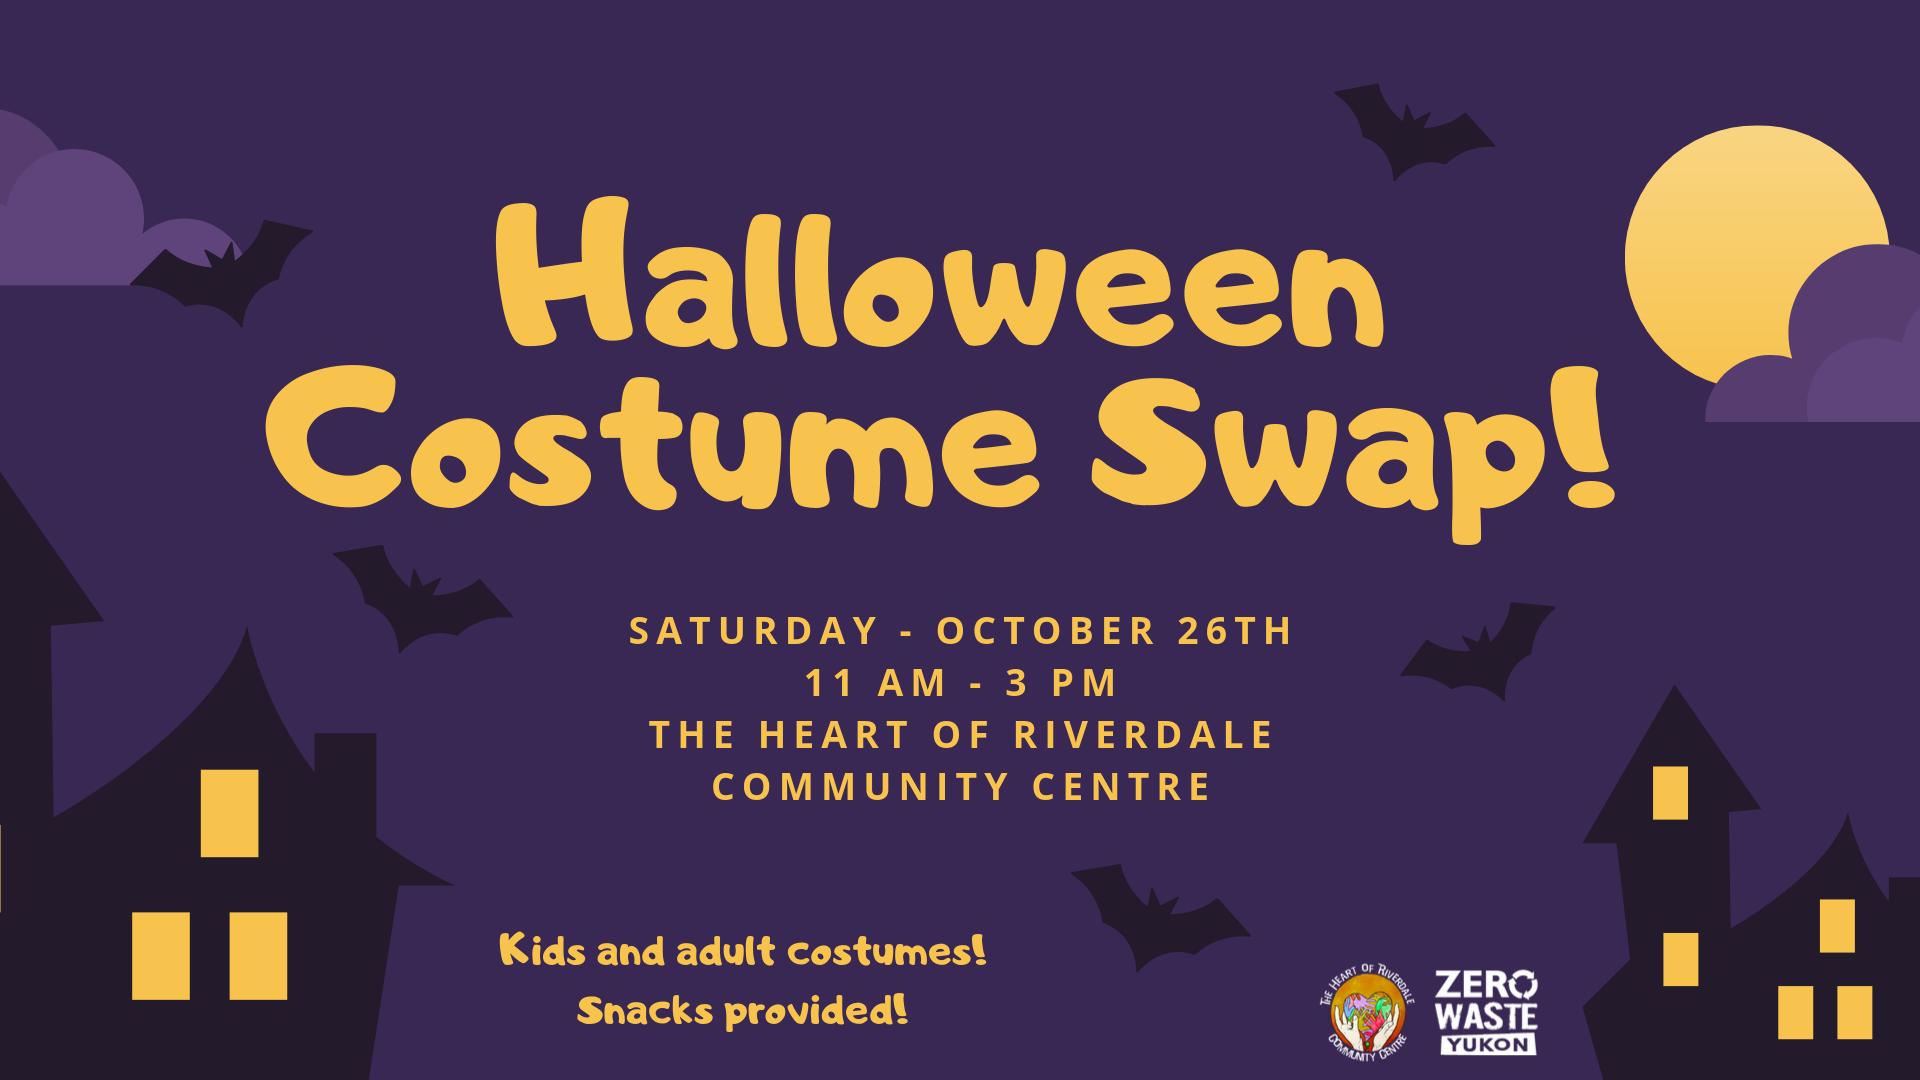 Halloween Costume Swap!